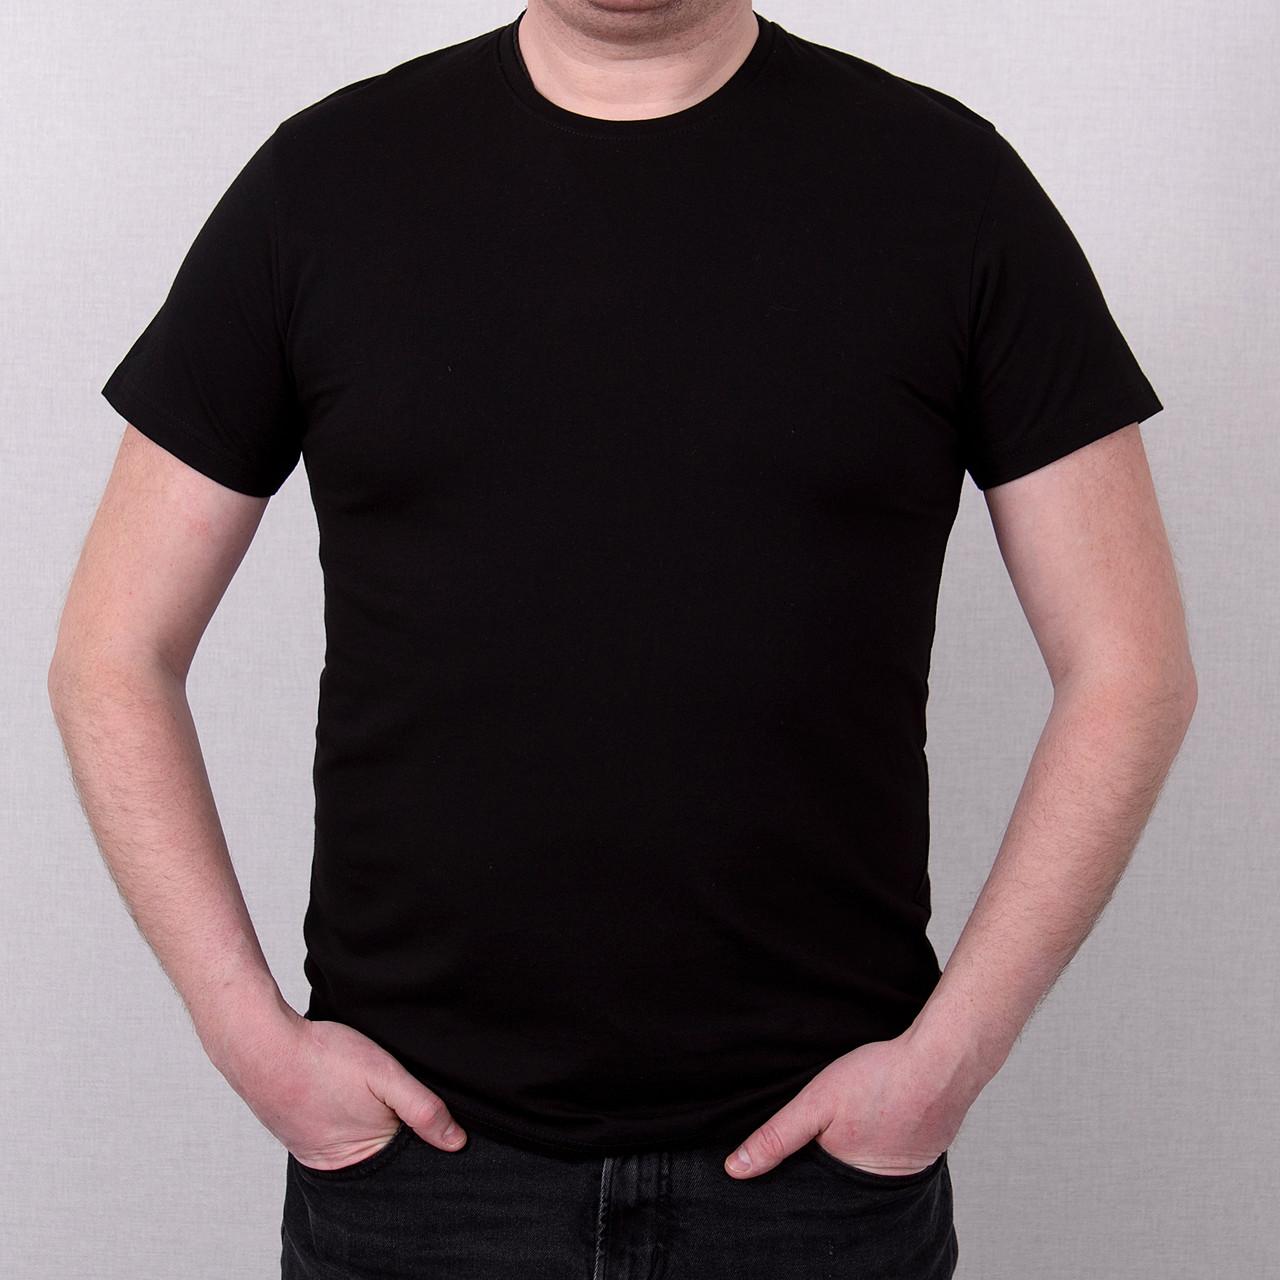 Чоловіча чорна однотонна футболка великого розміру \ Чоловіча чорна однотонна футболка великого розміру